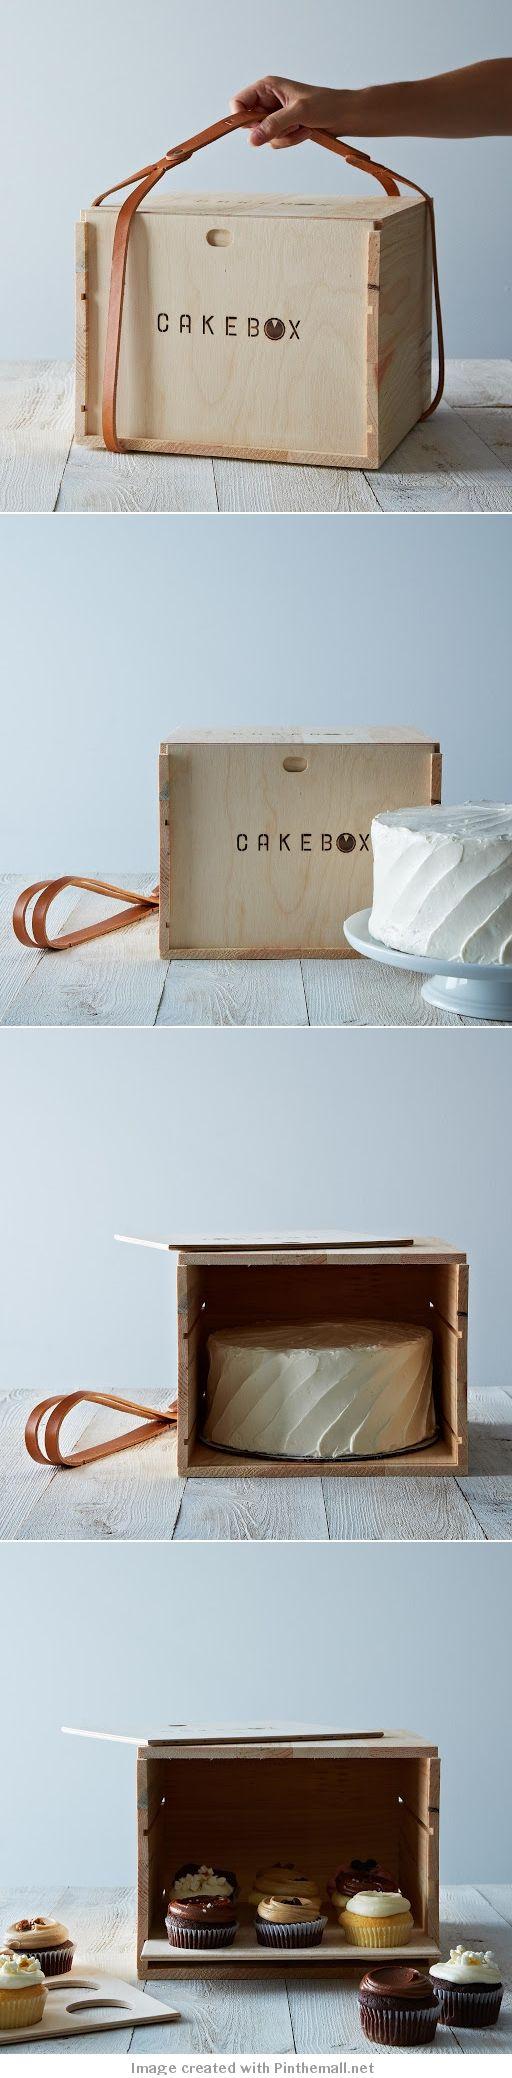 Cake box #packaging | Food52 Boxd, CakeBox, Cupcake, Cupcake Carrier, Cakes, Baking